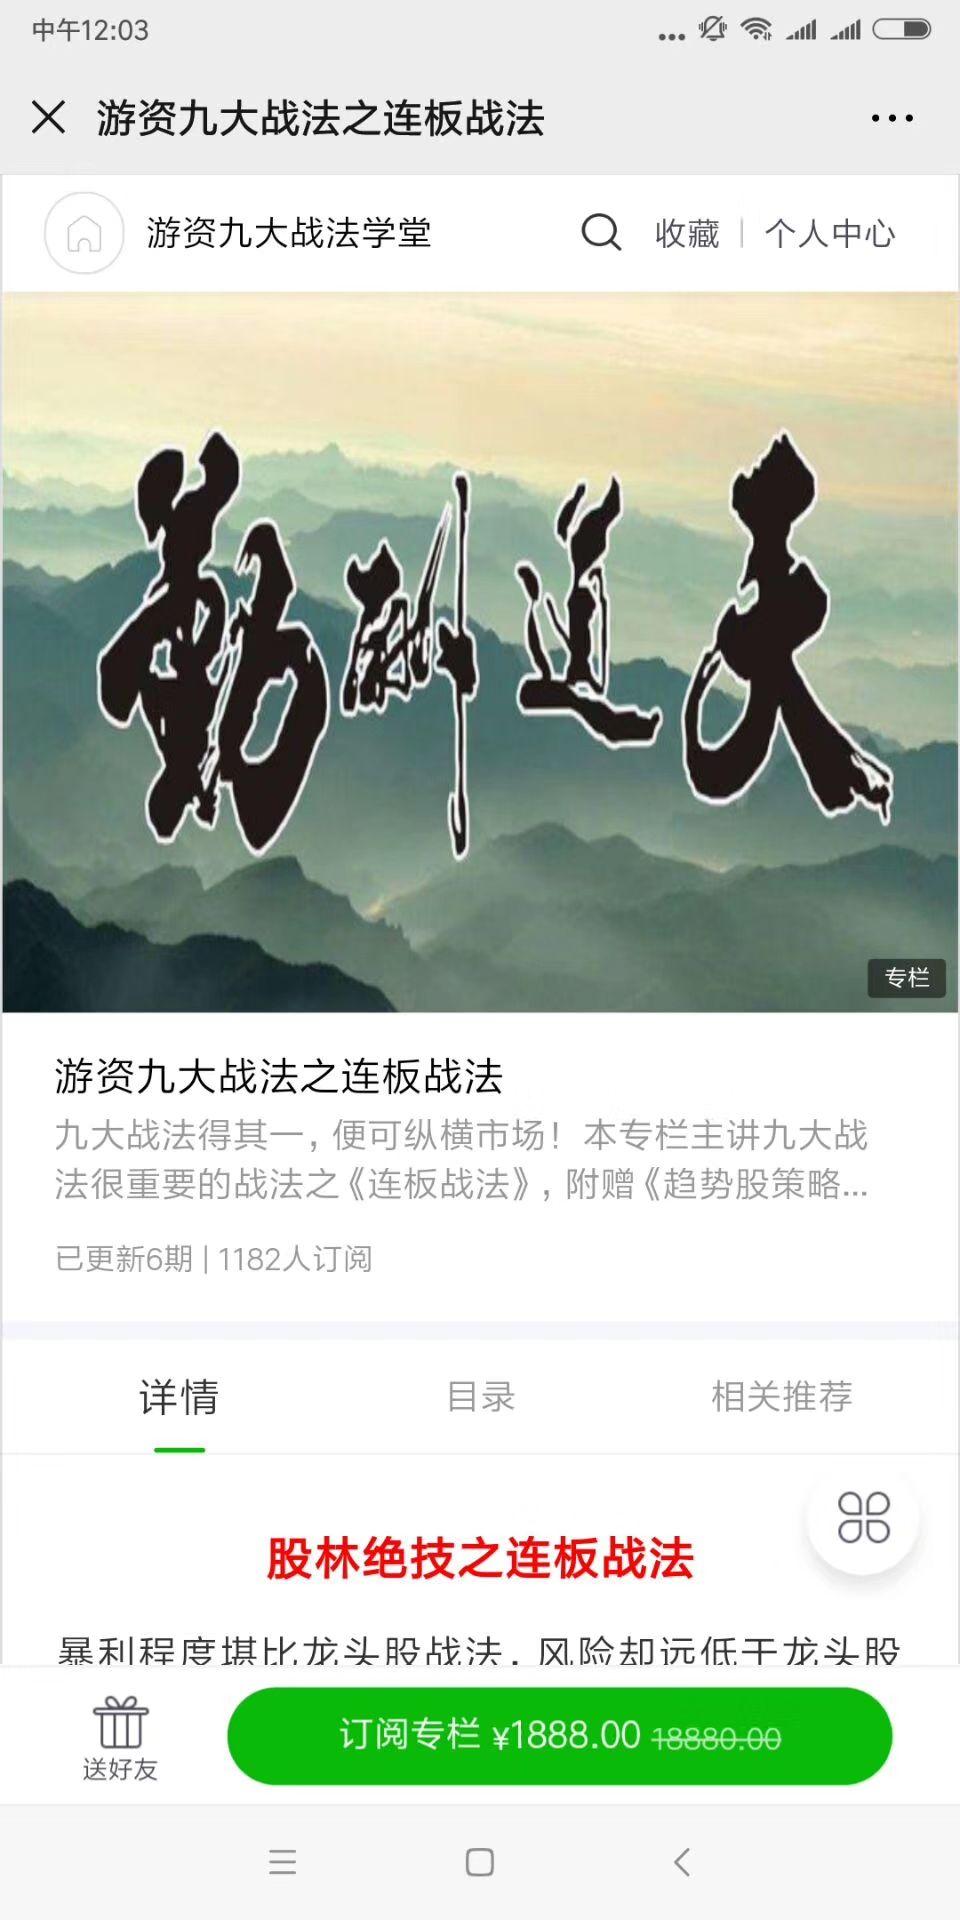 赵老哥天道酬勤游资九大战法之连板战法